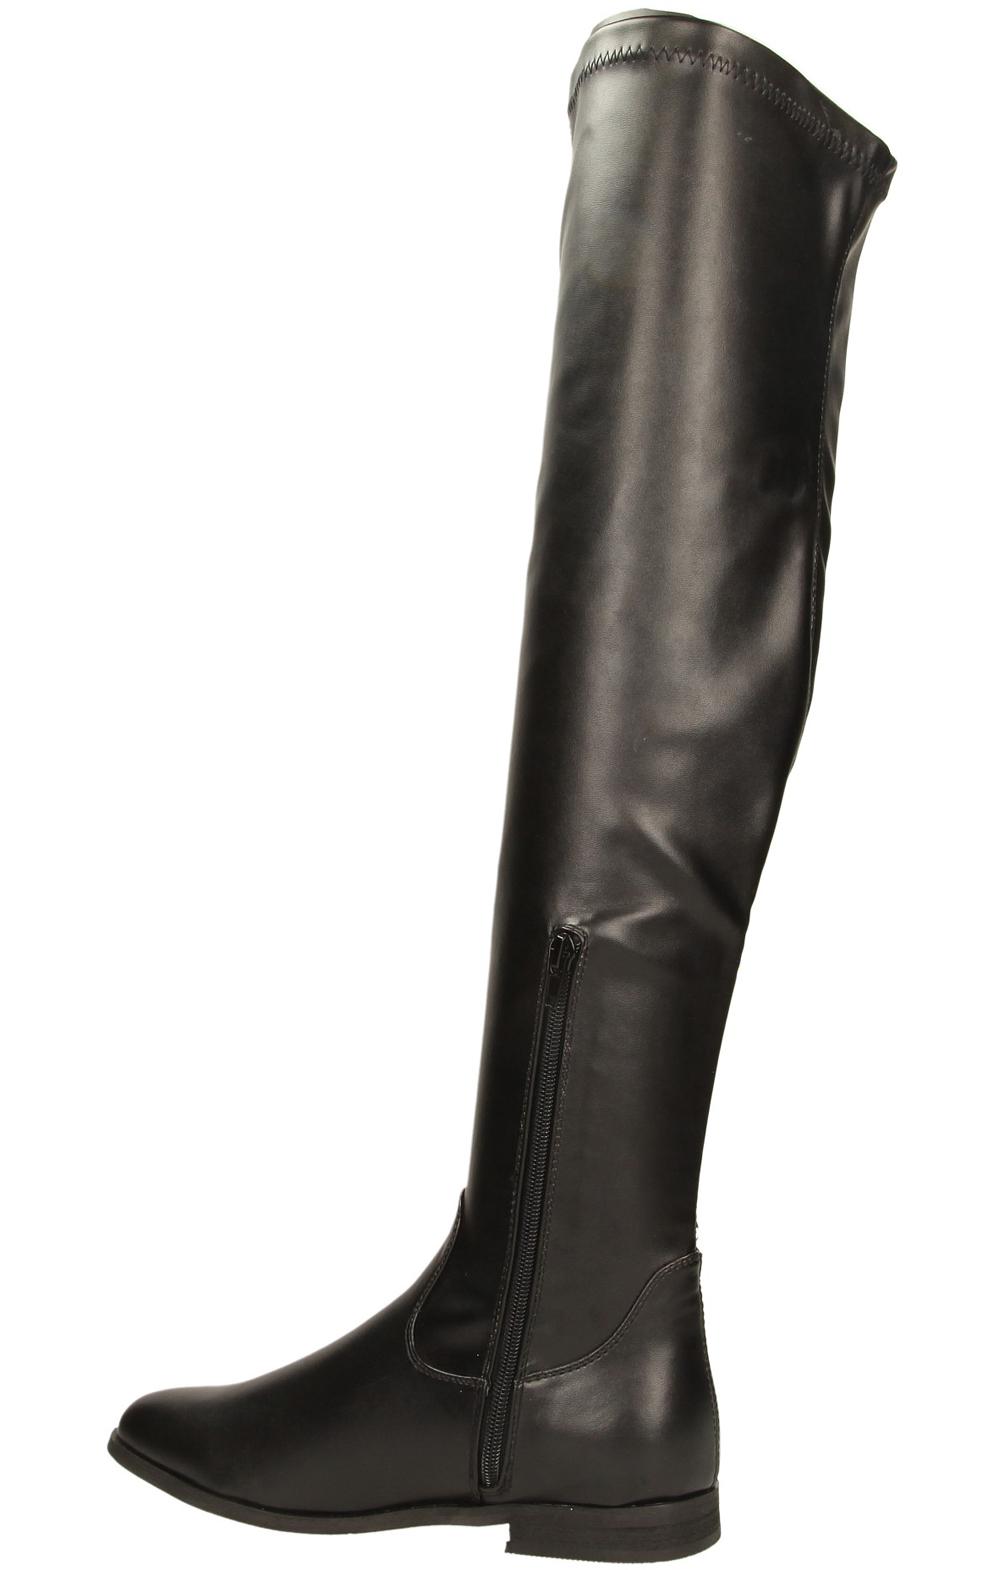 KOZAKI BLINK 102066-A-01 kolor czarny